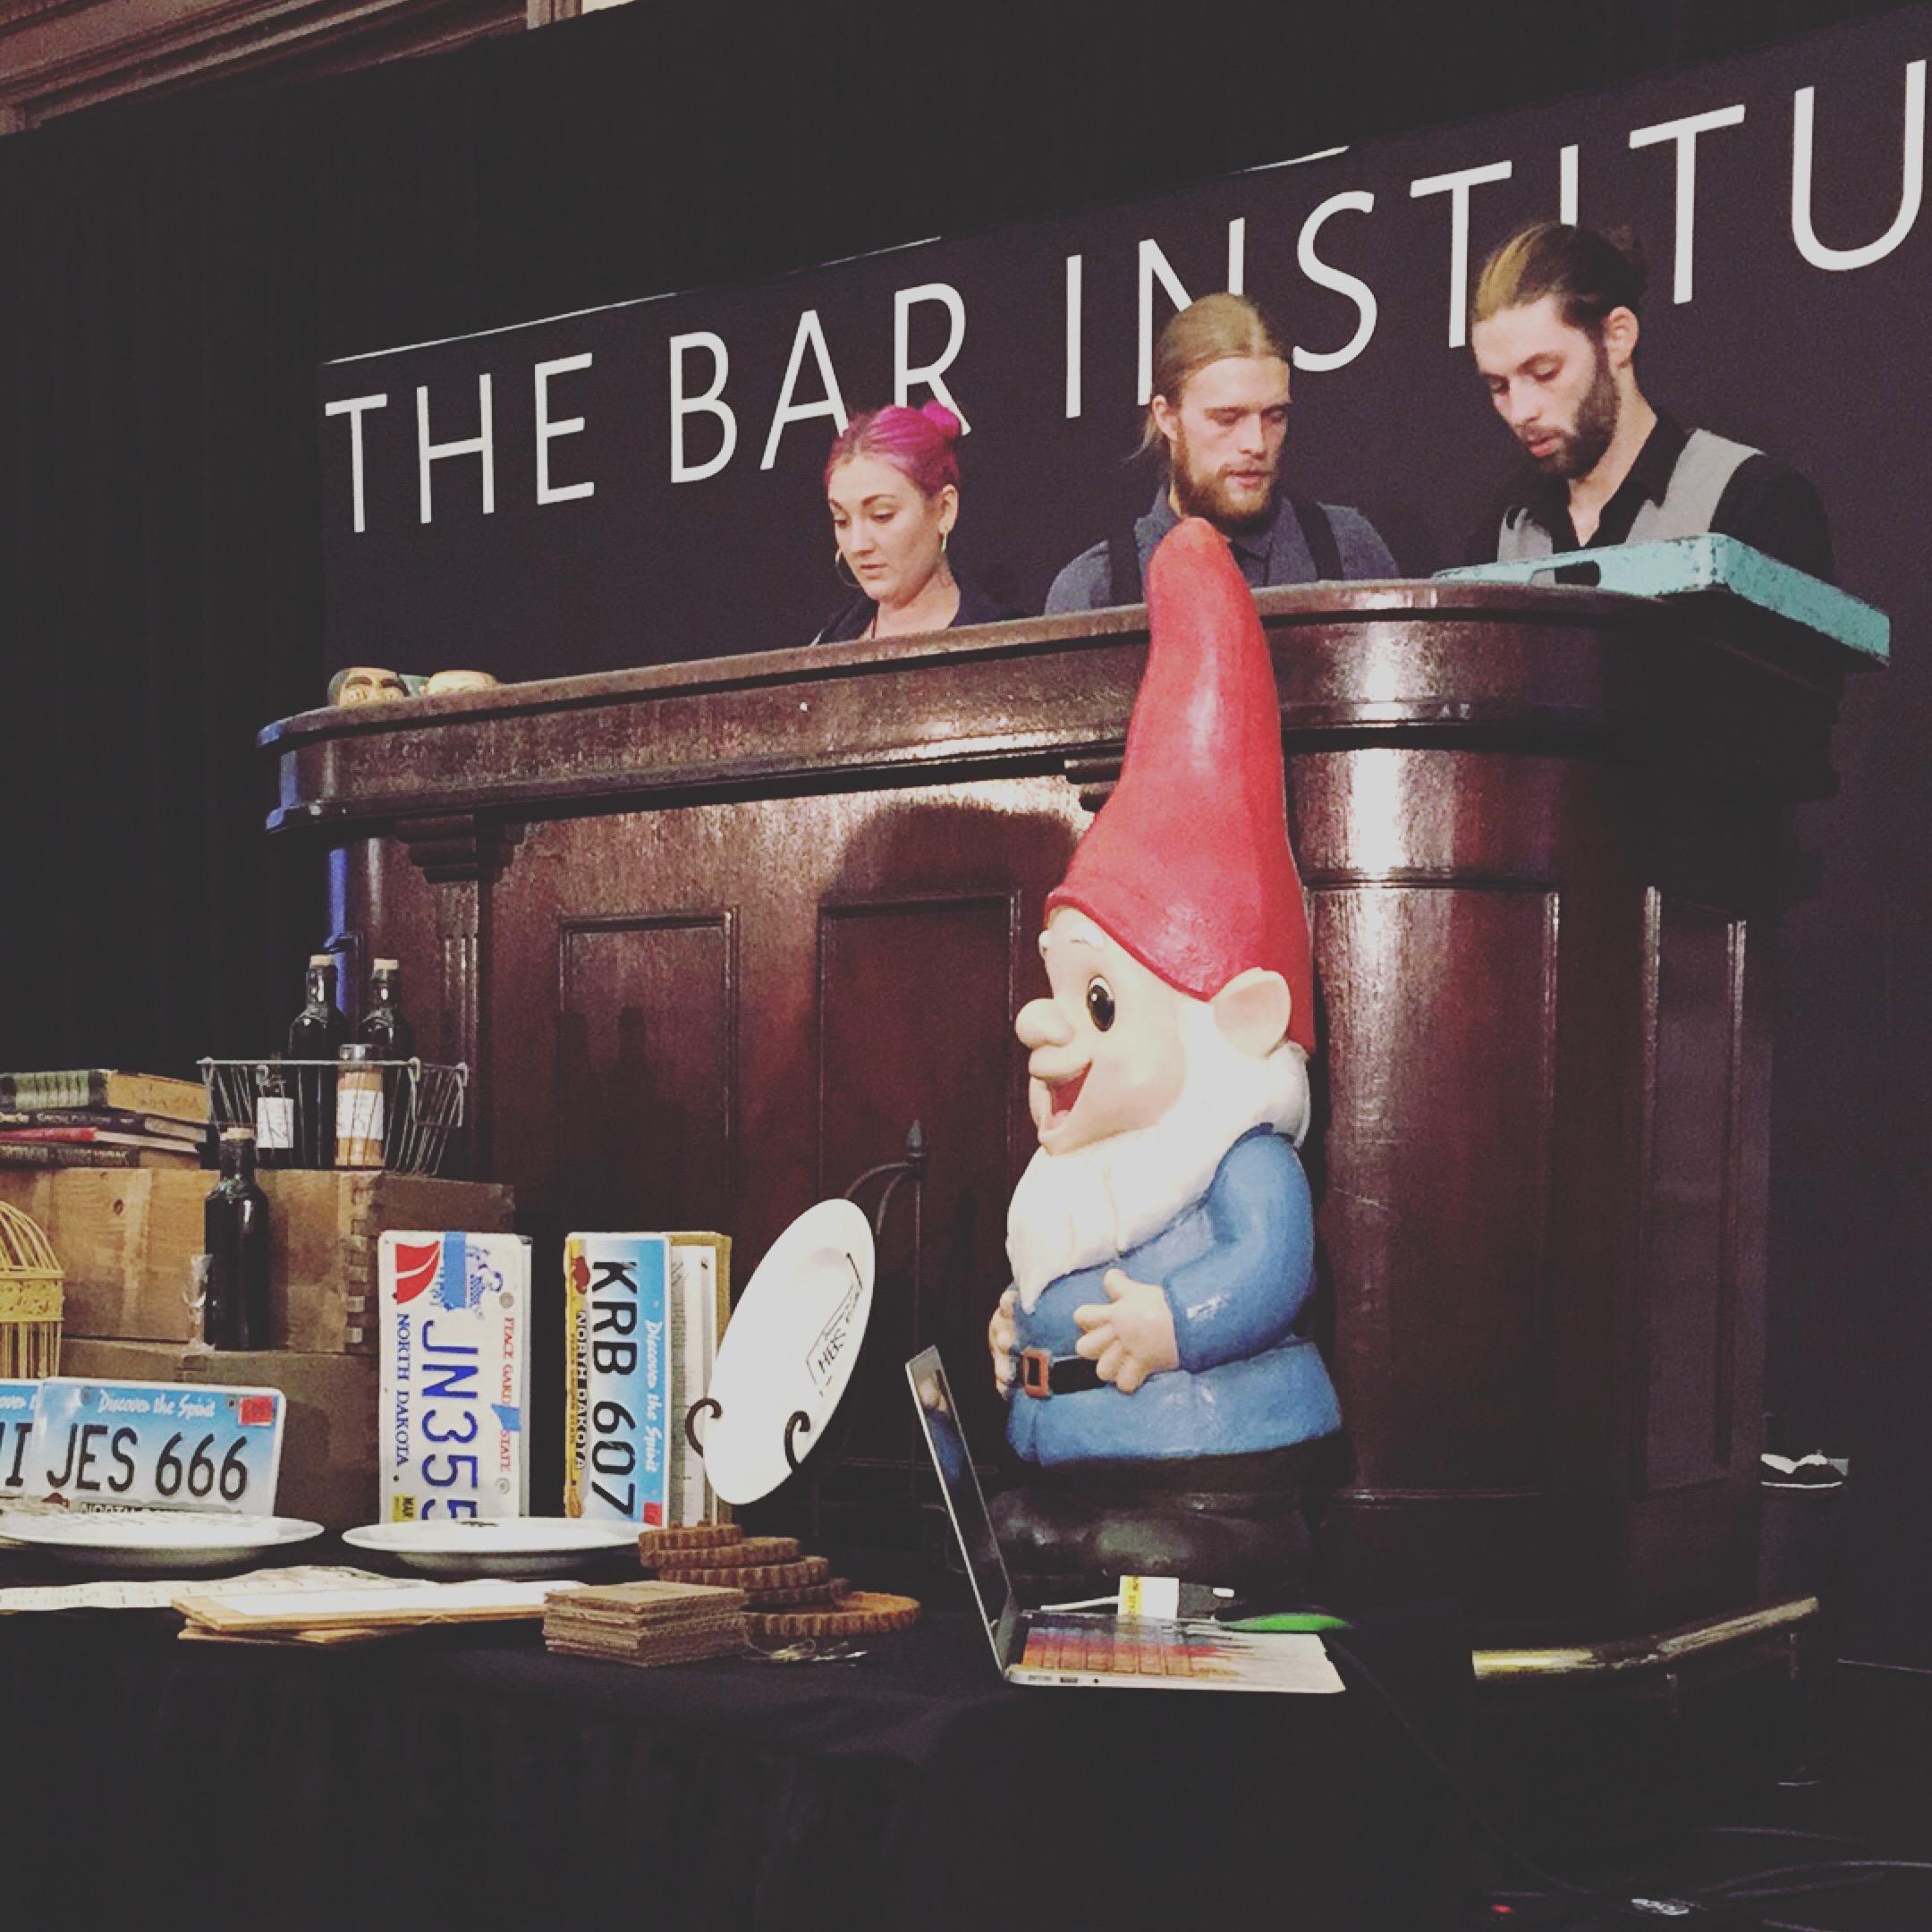 Bar Institute Austin